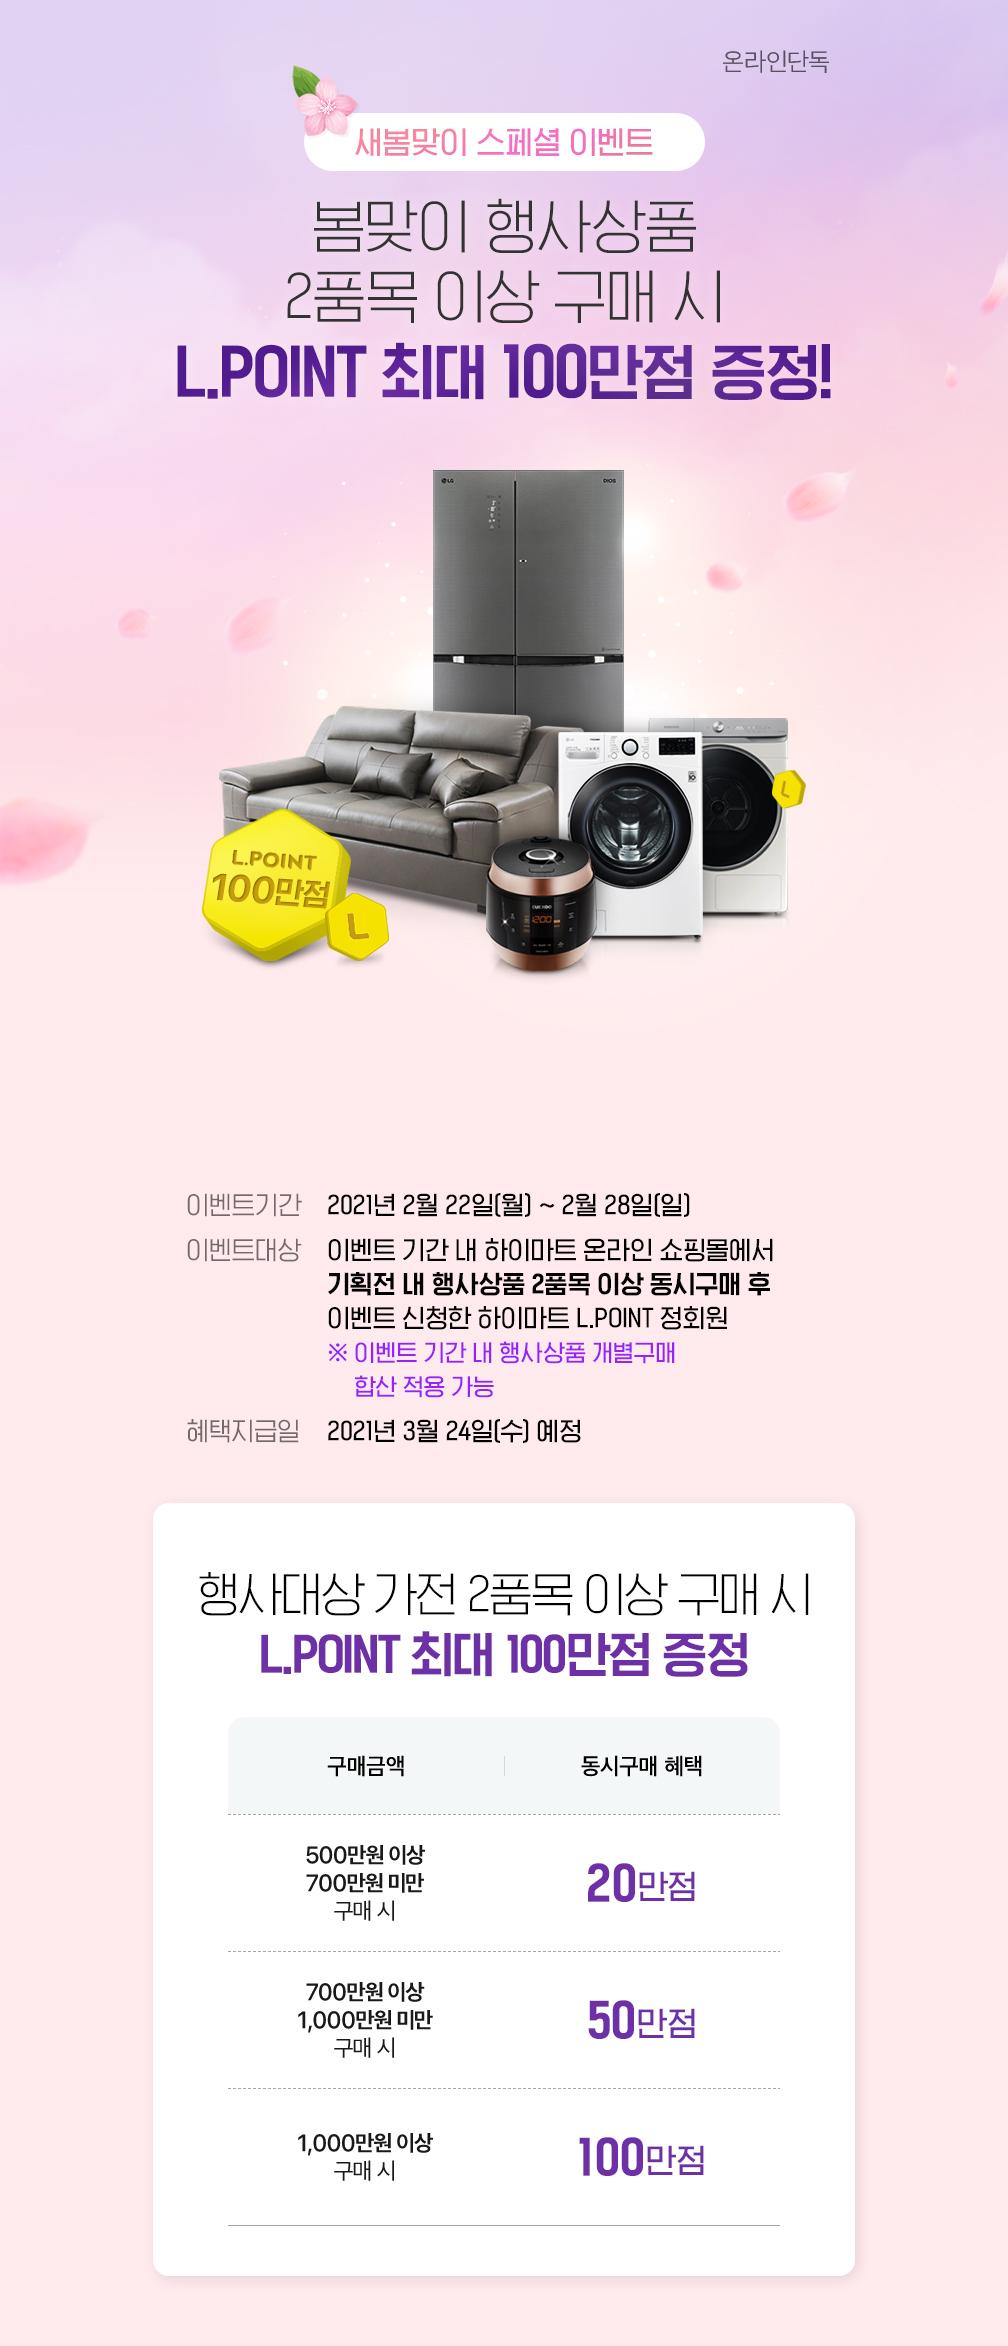 봄맞이 행사상품 2품목 이상 구매 시 L.POINT 최대 100만점 증정!